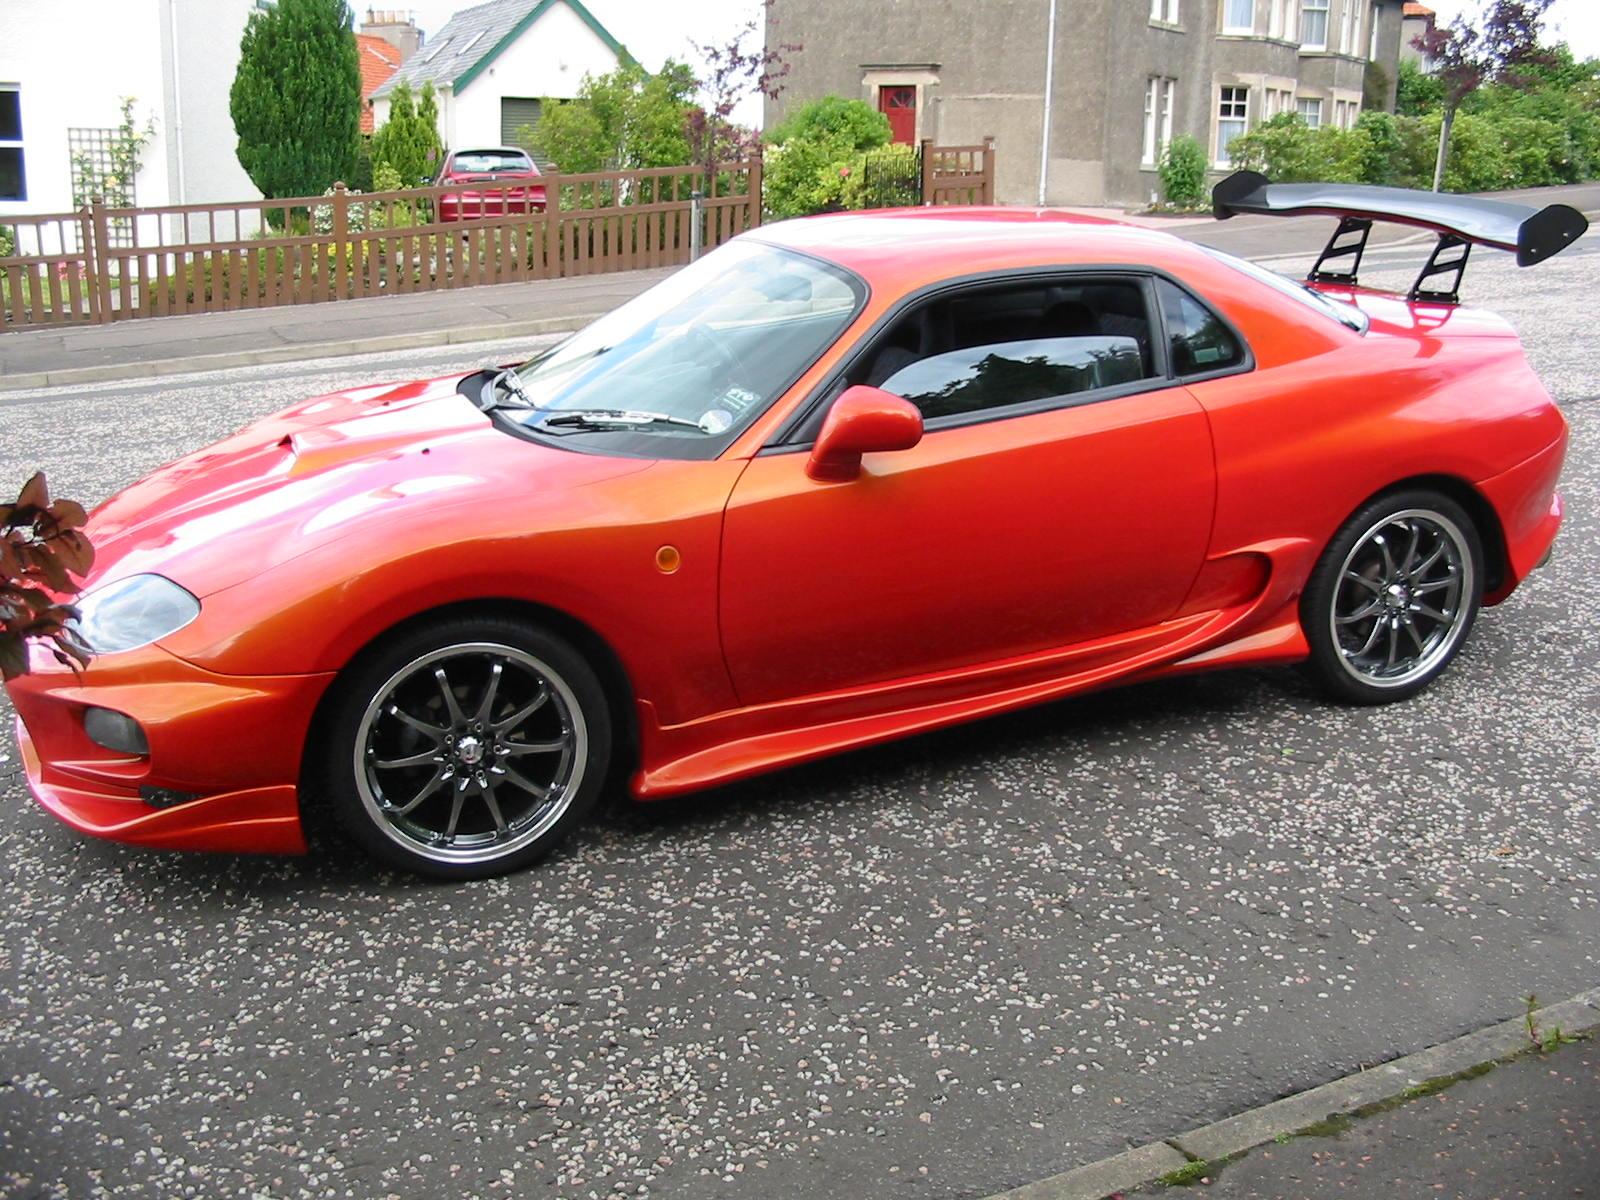 Mitsubishi Fto Myfto Co Uk Fto Owners Club Members Cars